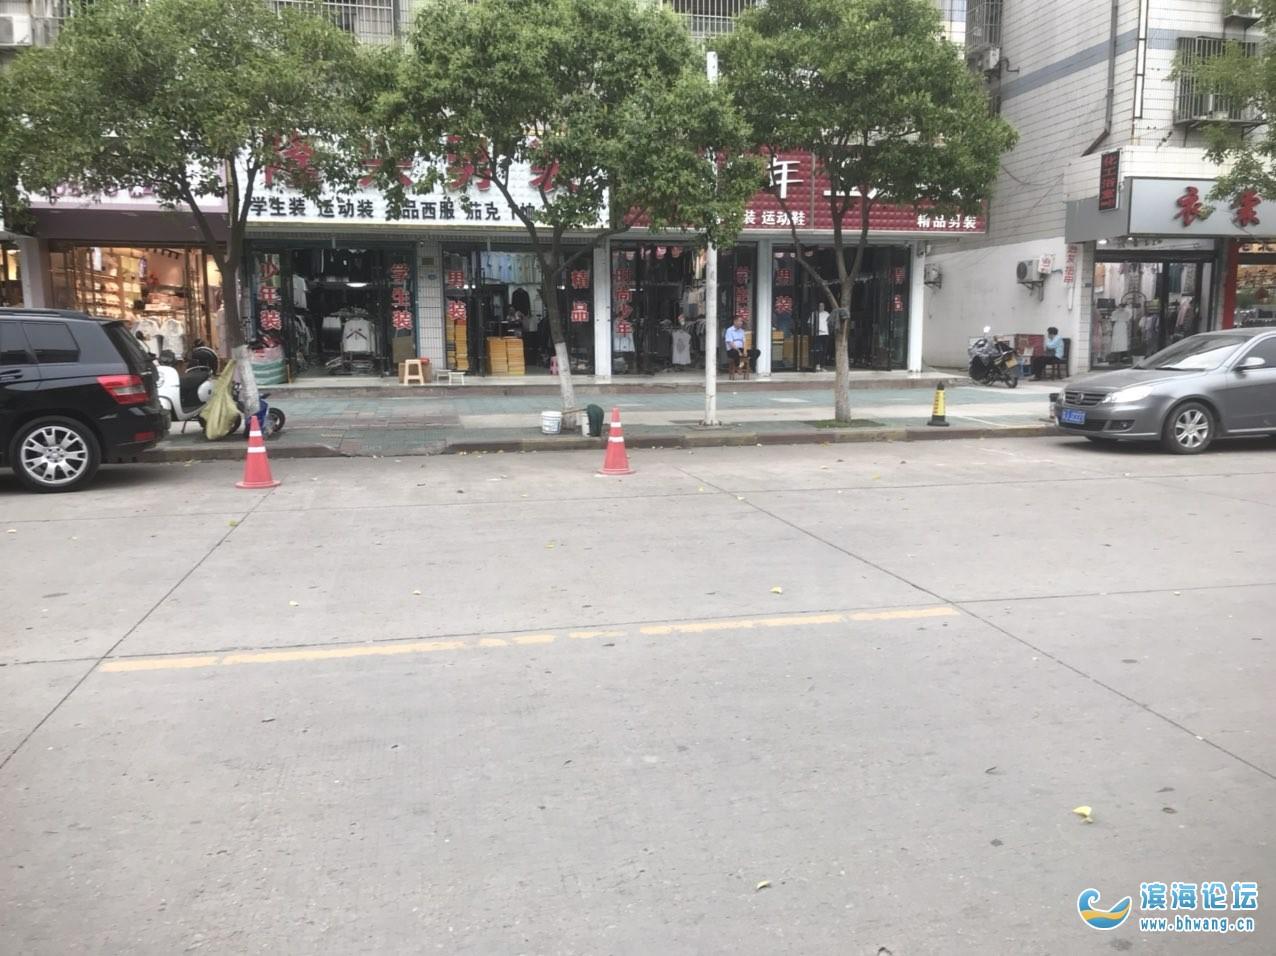 玉龙菜场西门对面某些服装店自私行为